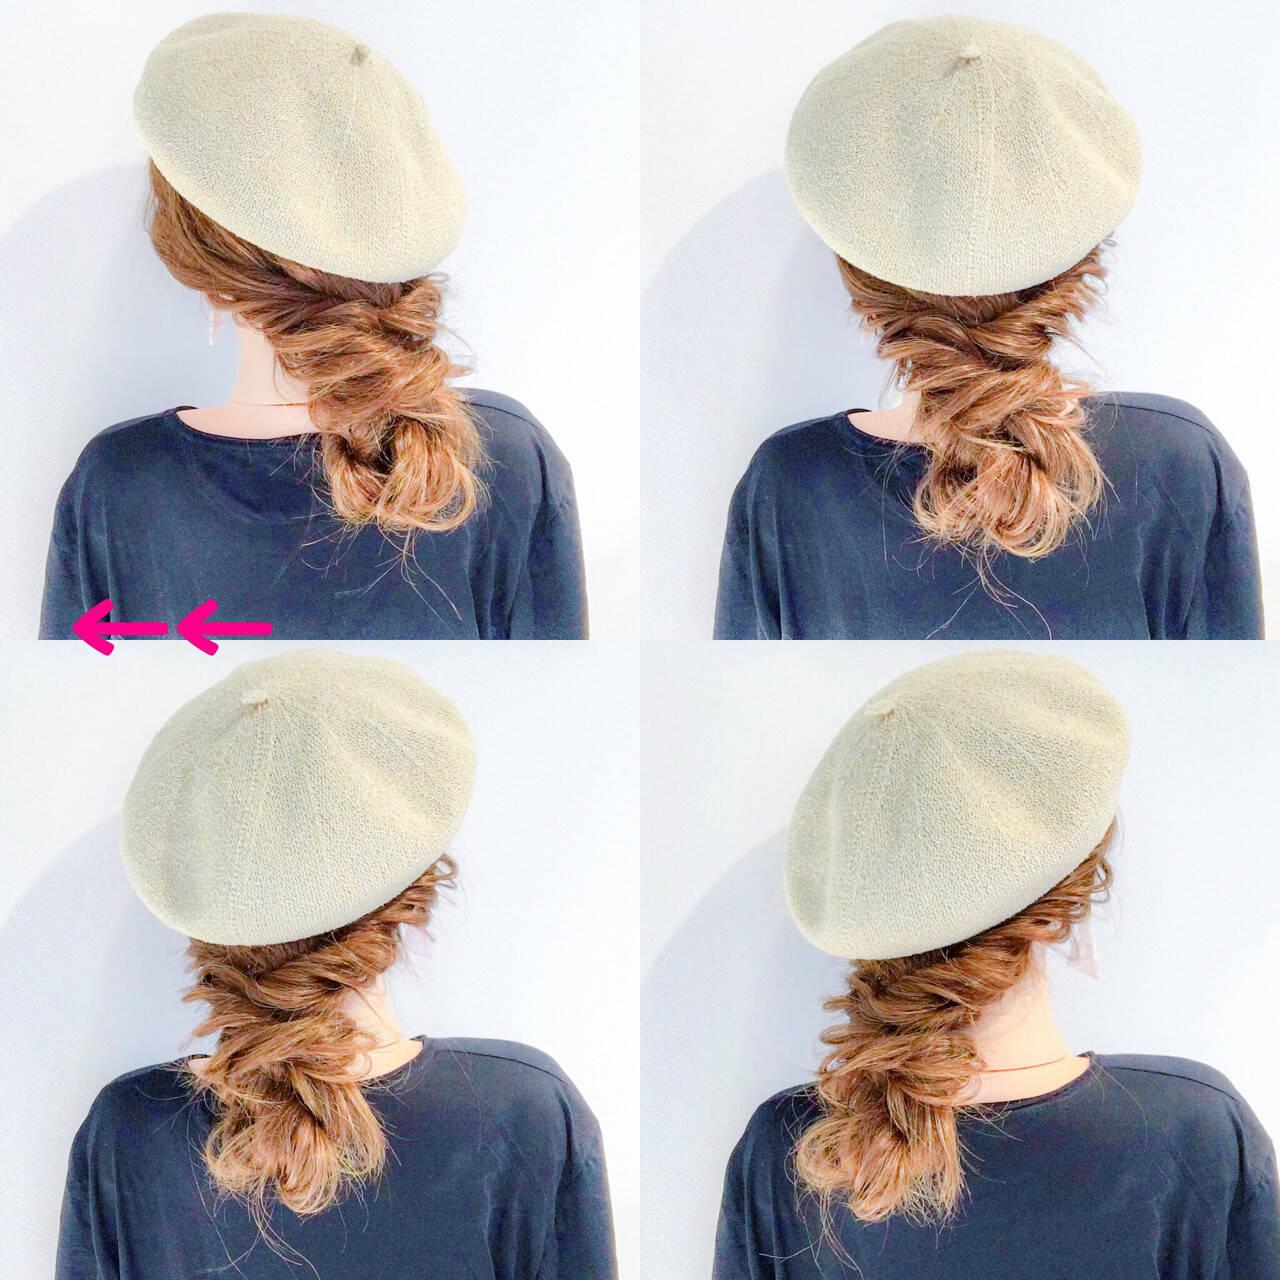 ヘアアレンジ 簡単ヘアアレンジ フェミニン アウトドアヘアスタイルや髪型の写真・画像